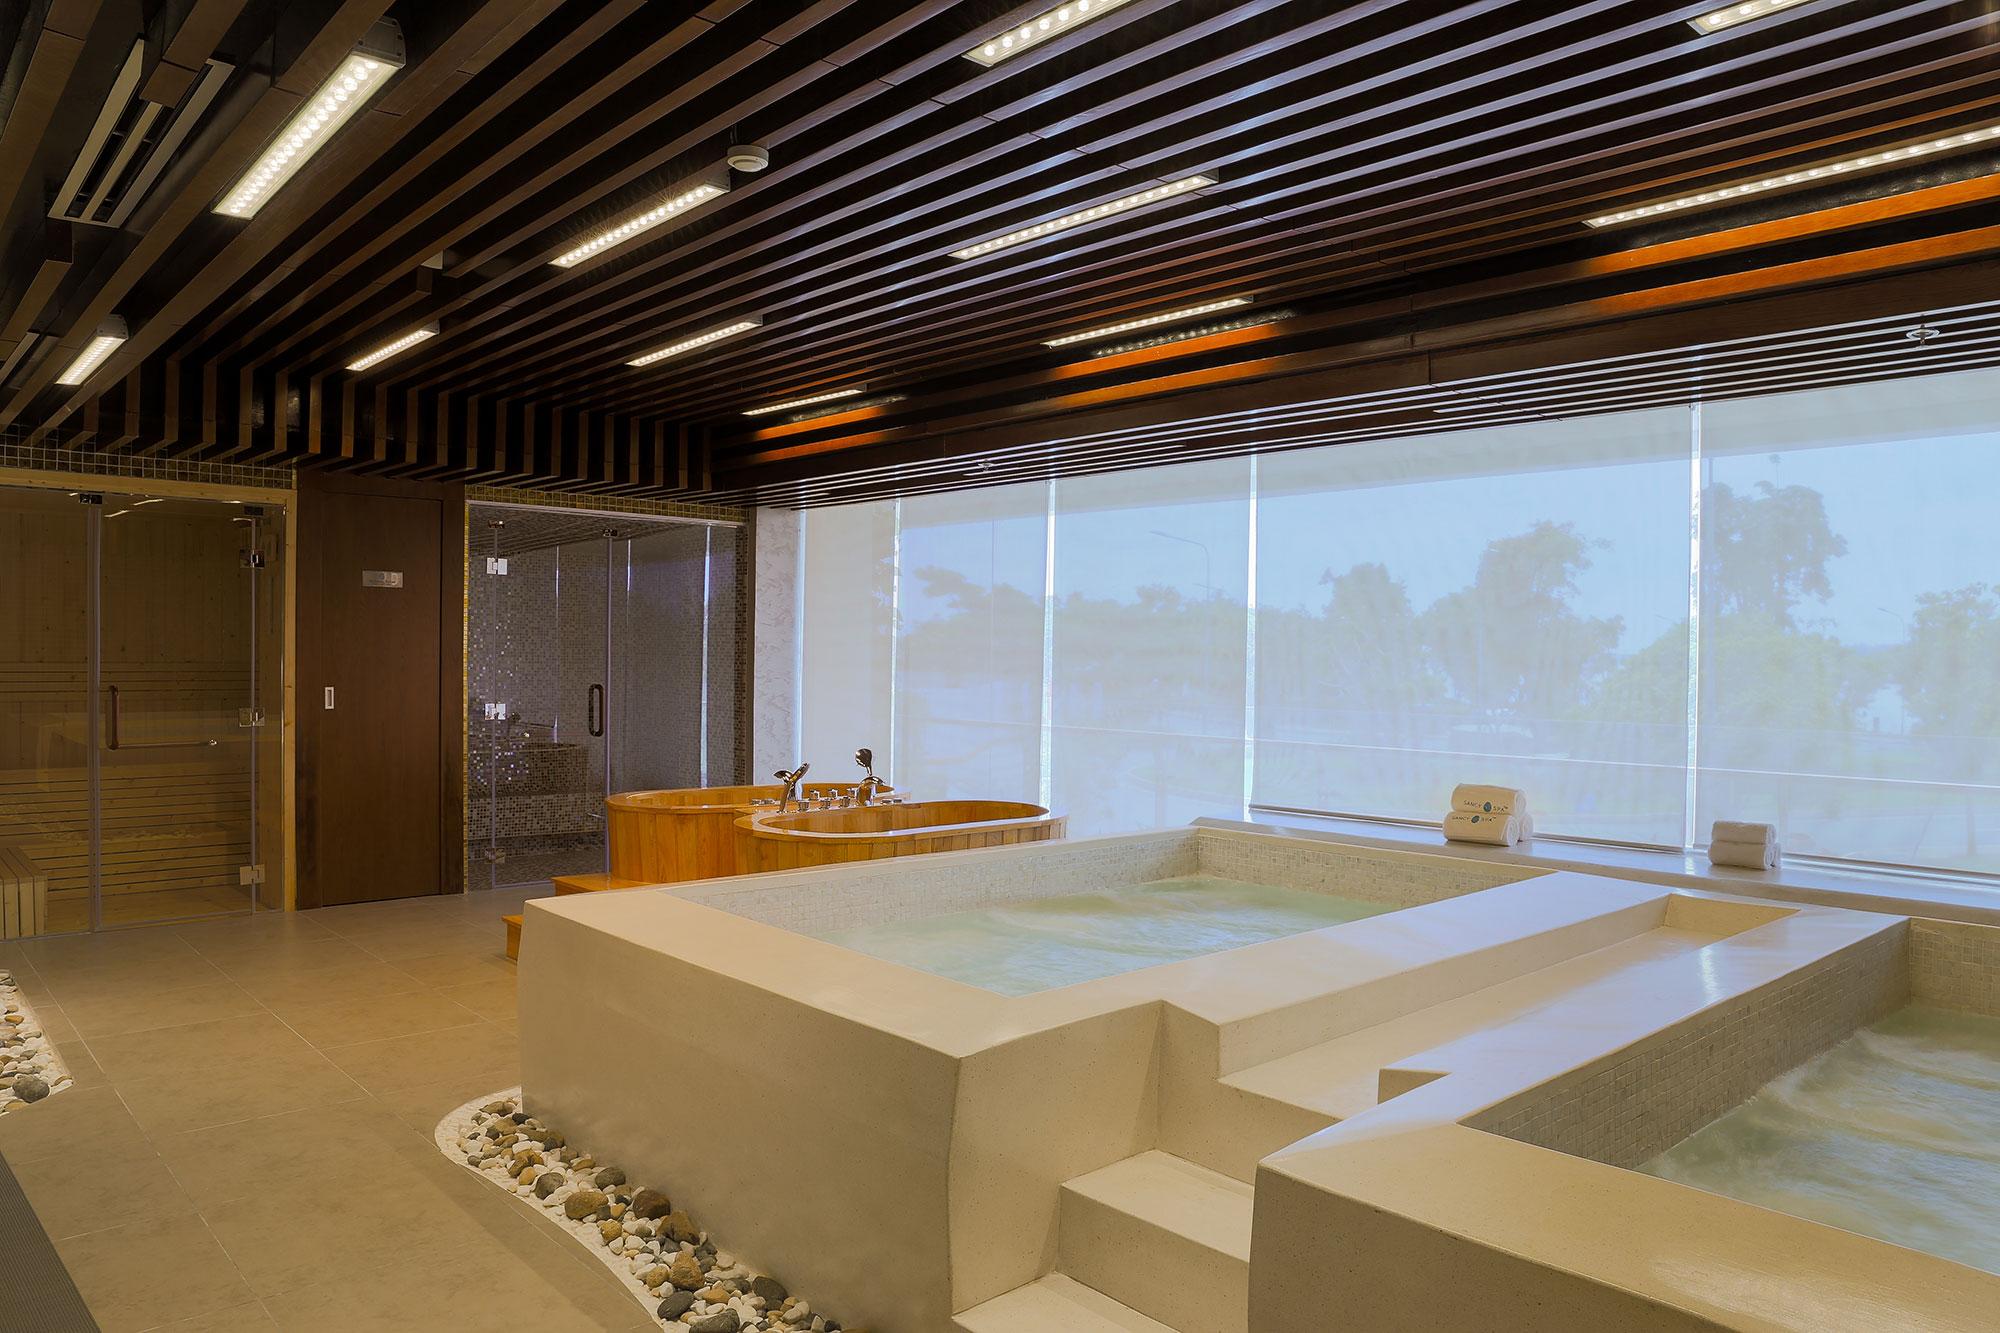 Sancy Spa – Dự án spa nghỉ dưỡng với 6 bồn Jacuzzi do Mai Hân Spa cung cấp